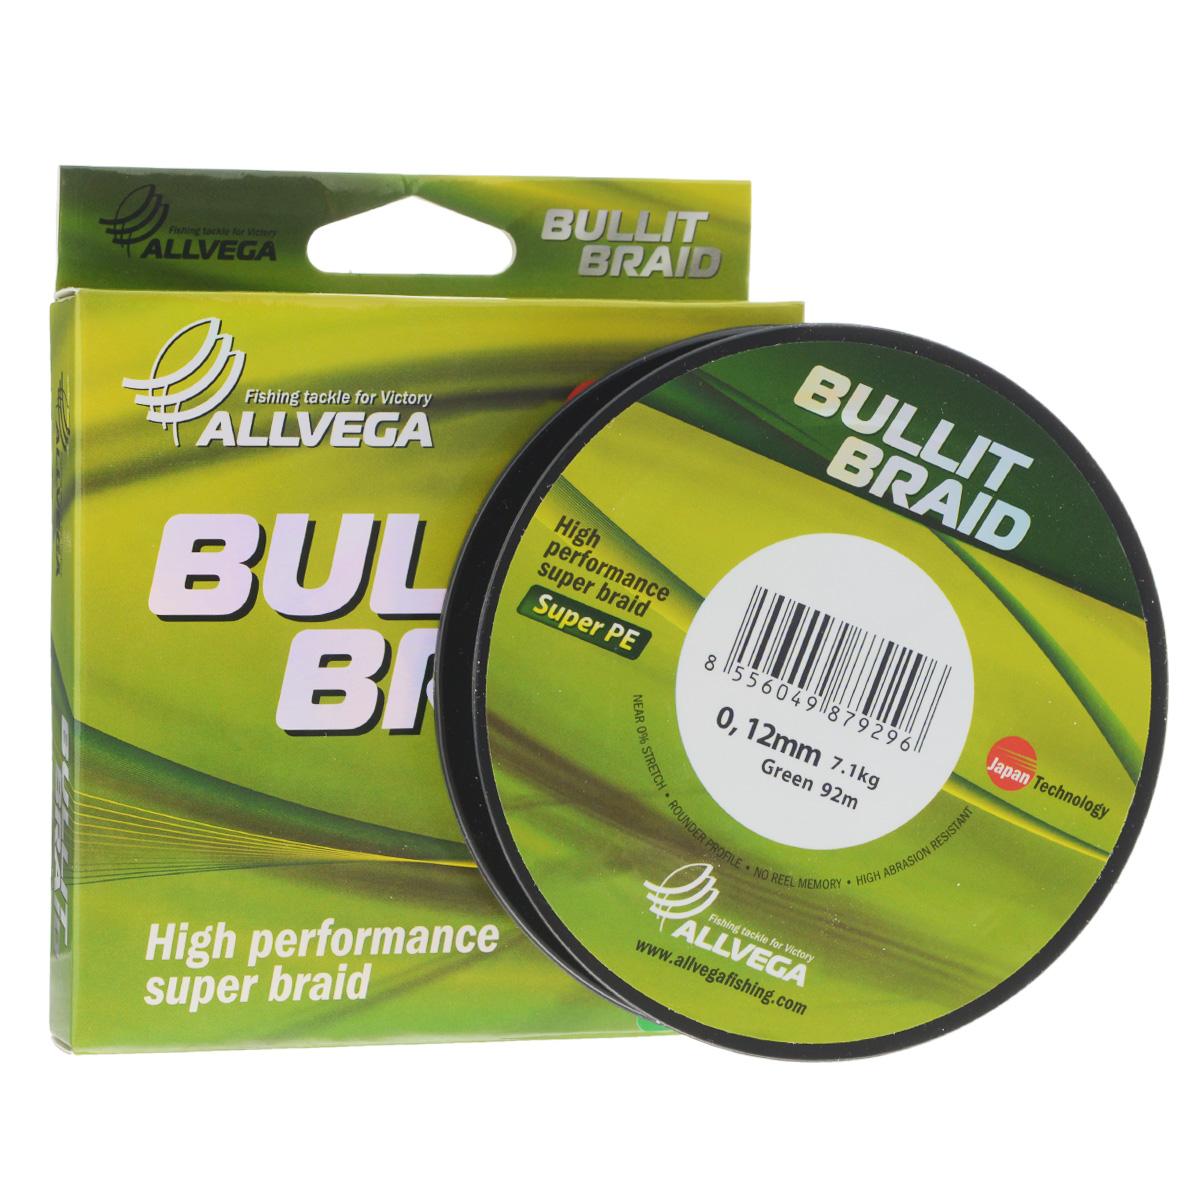 Леска плетеная Allvega Bullit Braid, цвет: темно-зеленый, 92 м, 0,12 мм, 7,1 кгФуфайка Verticale FELXЛеска Allvega Bullit Braid с гладкой поверхностью и одинаковым сечением по всей длине обладает высокой износостойкостью. Благодаря микроволокнам полиэтилена (Super PE) леска имеет очень плотное плетение и не впитывает воду. Леску Allvega Bullit Braid можно применять в любых типах водоемов. Особенности:повышенная износостойкость;высокая чувствительность - коэффициент растяжения близок к нулю;отсутствует память; идеально гладкая поверхность позволяет увеличить дальность забросов; высокая прочность шнура на узлах.